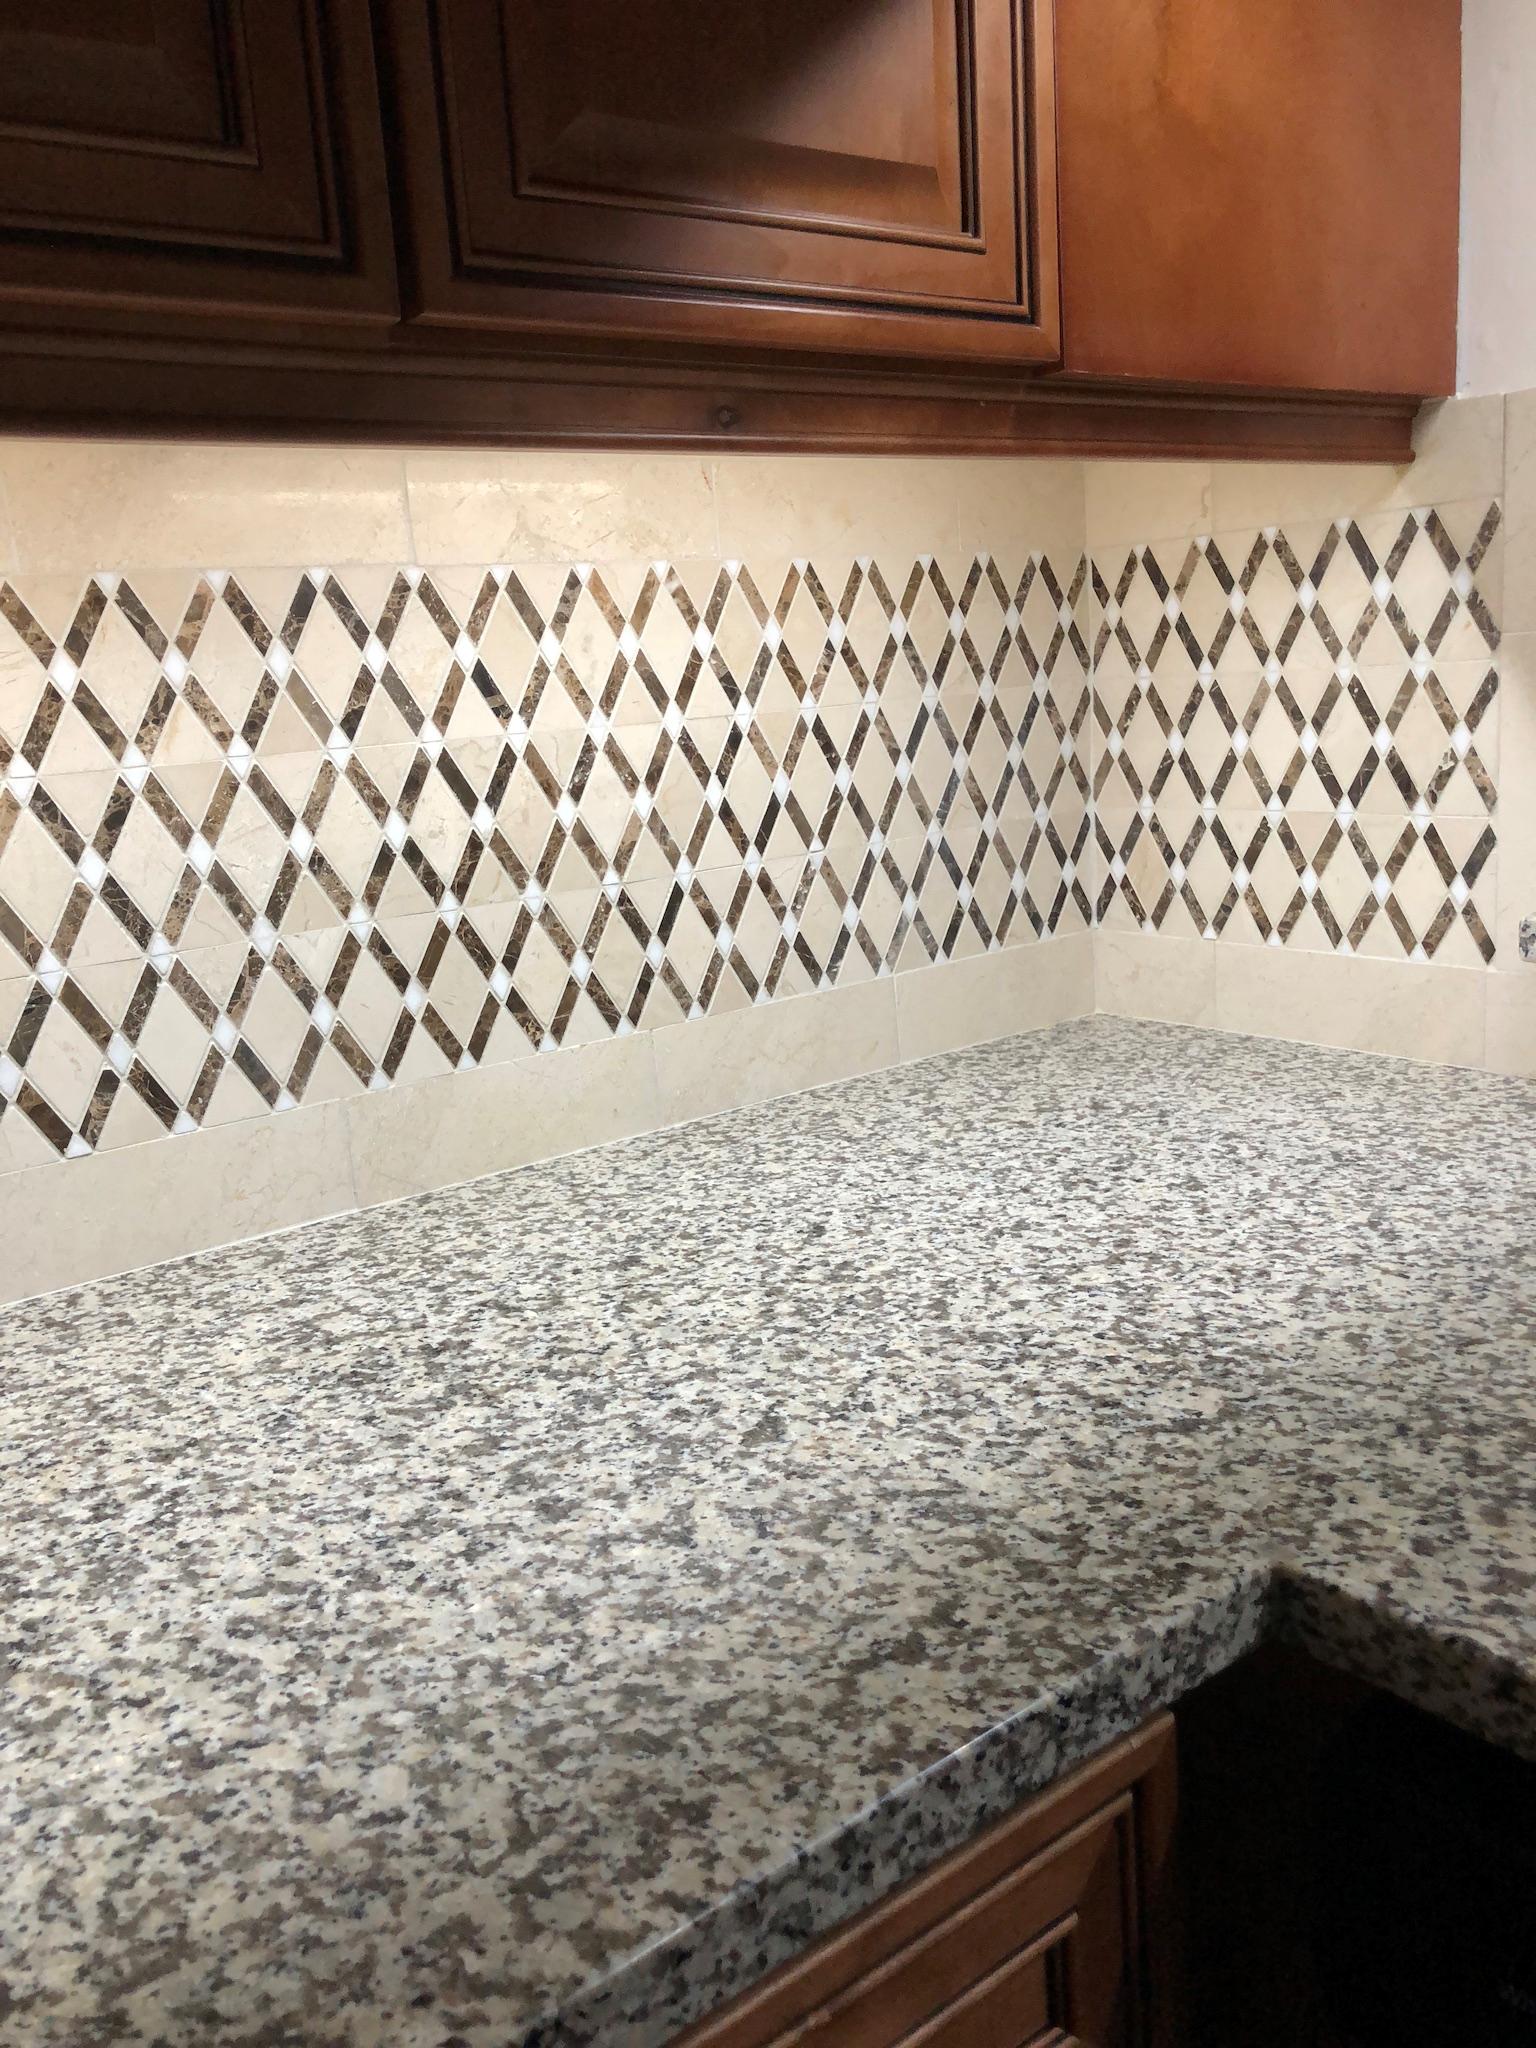 This Is My New Backsplash Tile From Floor And Decor Boynton Beach Fl